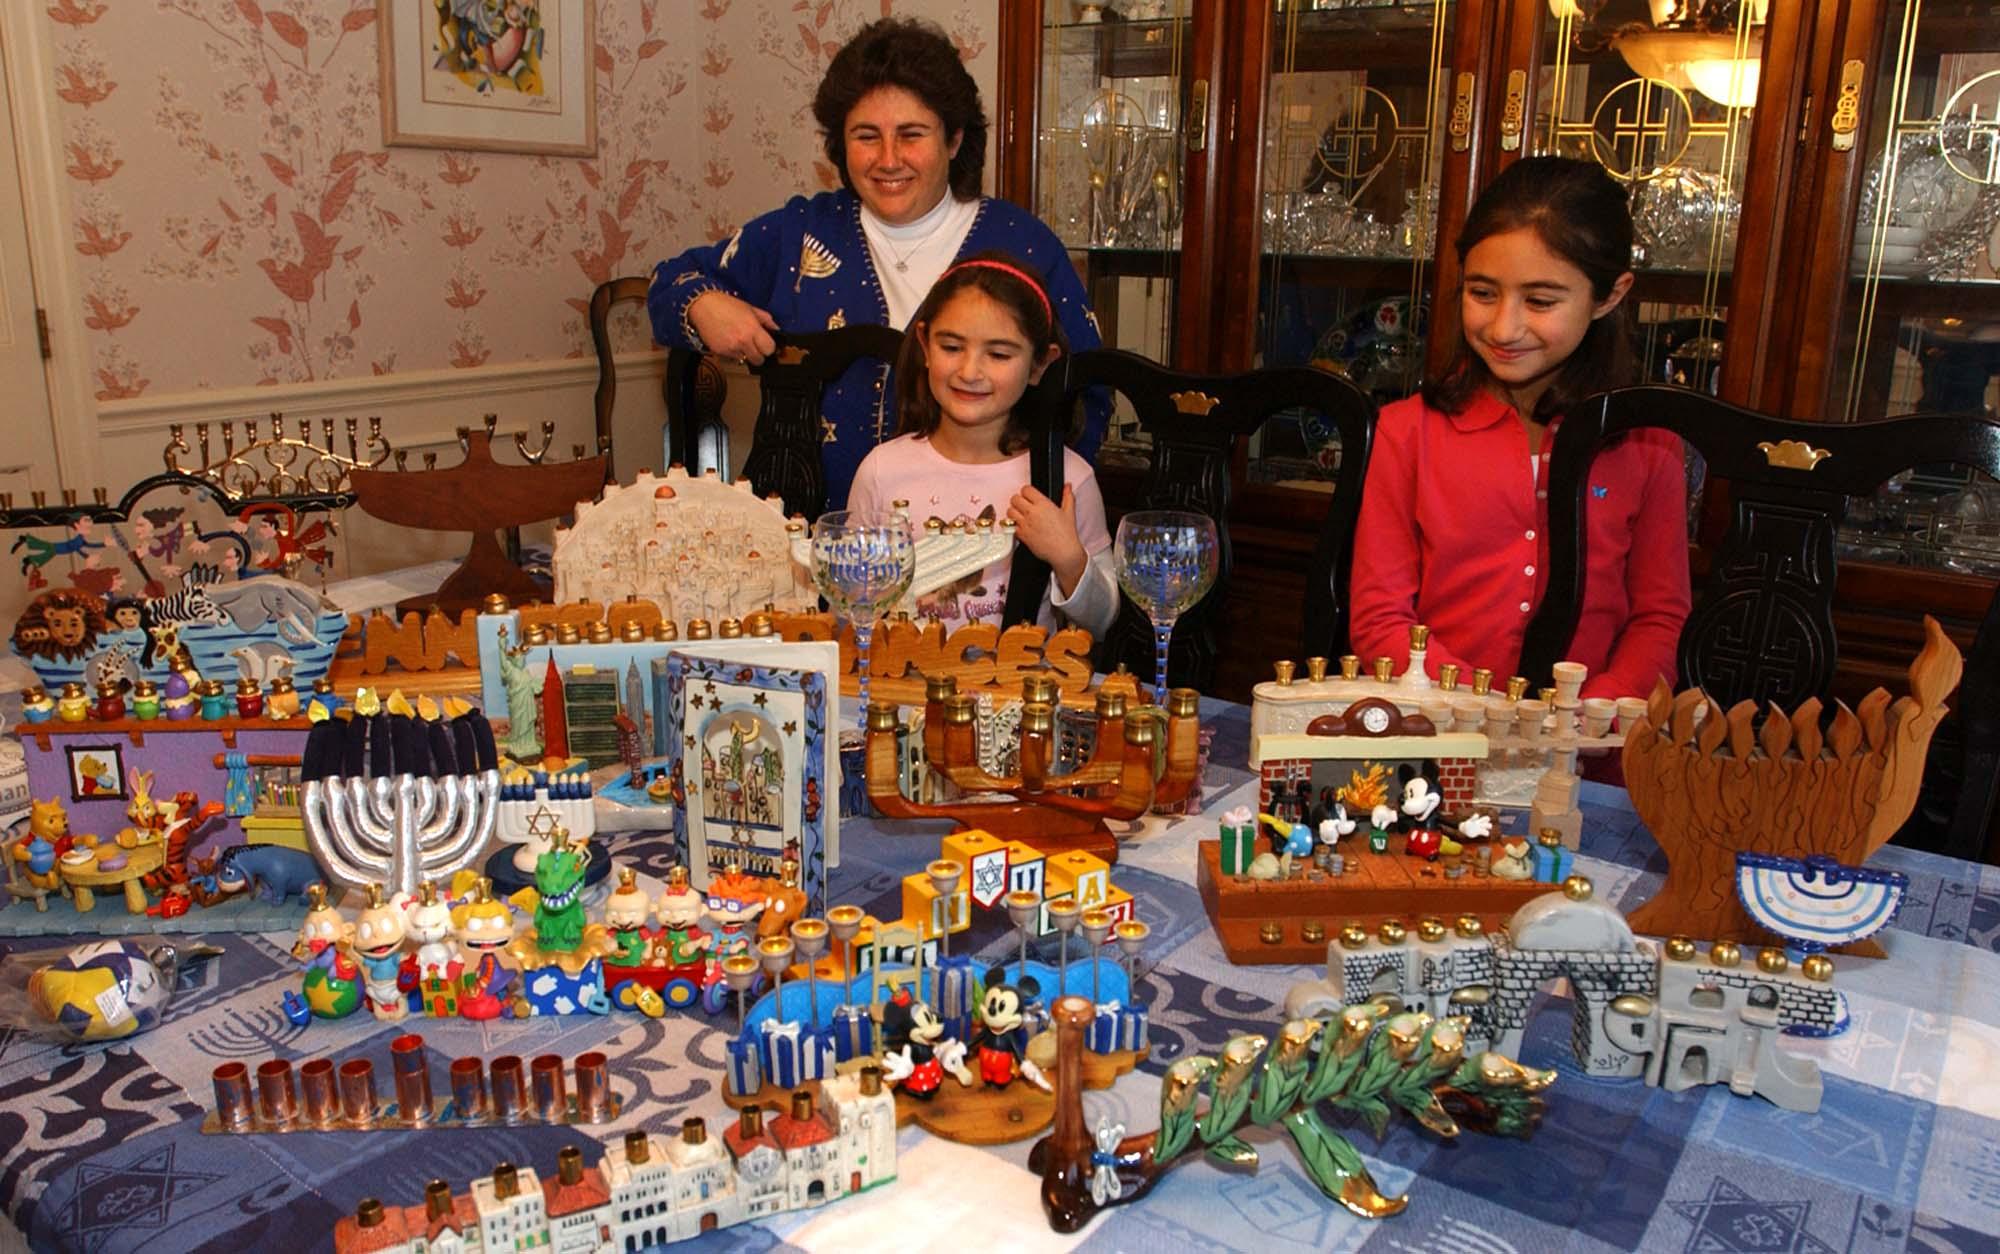 Une femme et deux fillettes debout derrière une table sur laquelle sont posées de nombreuses menorahs. © AP Images